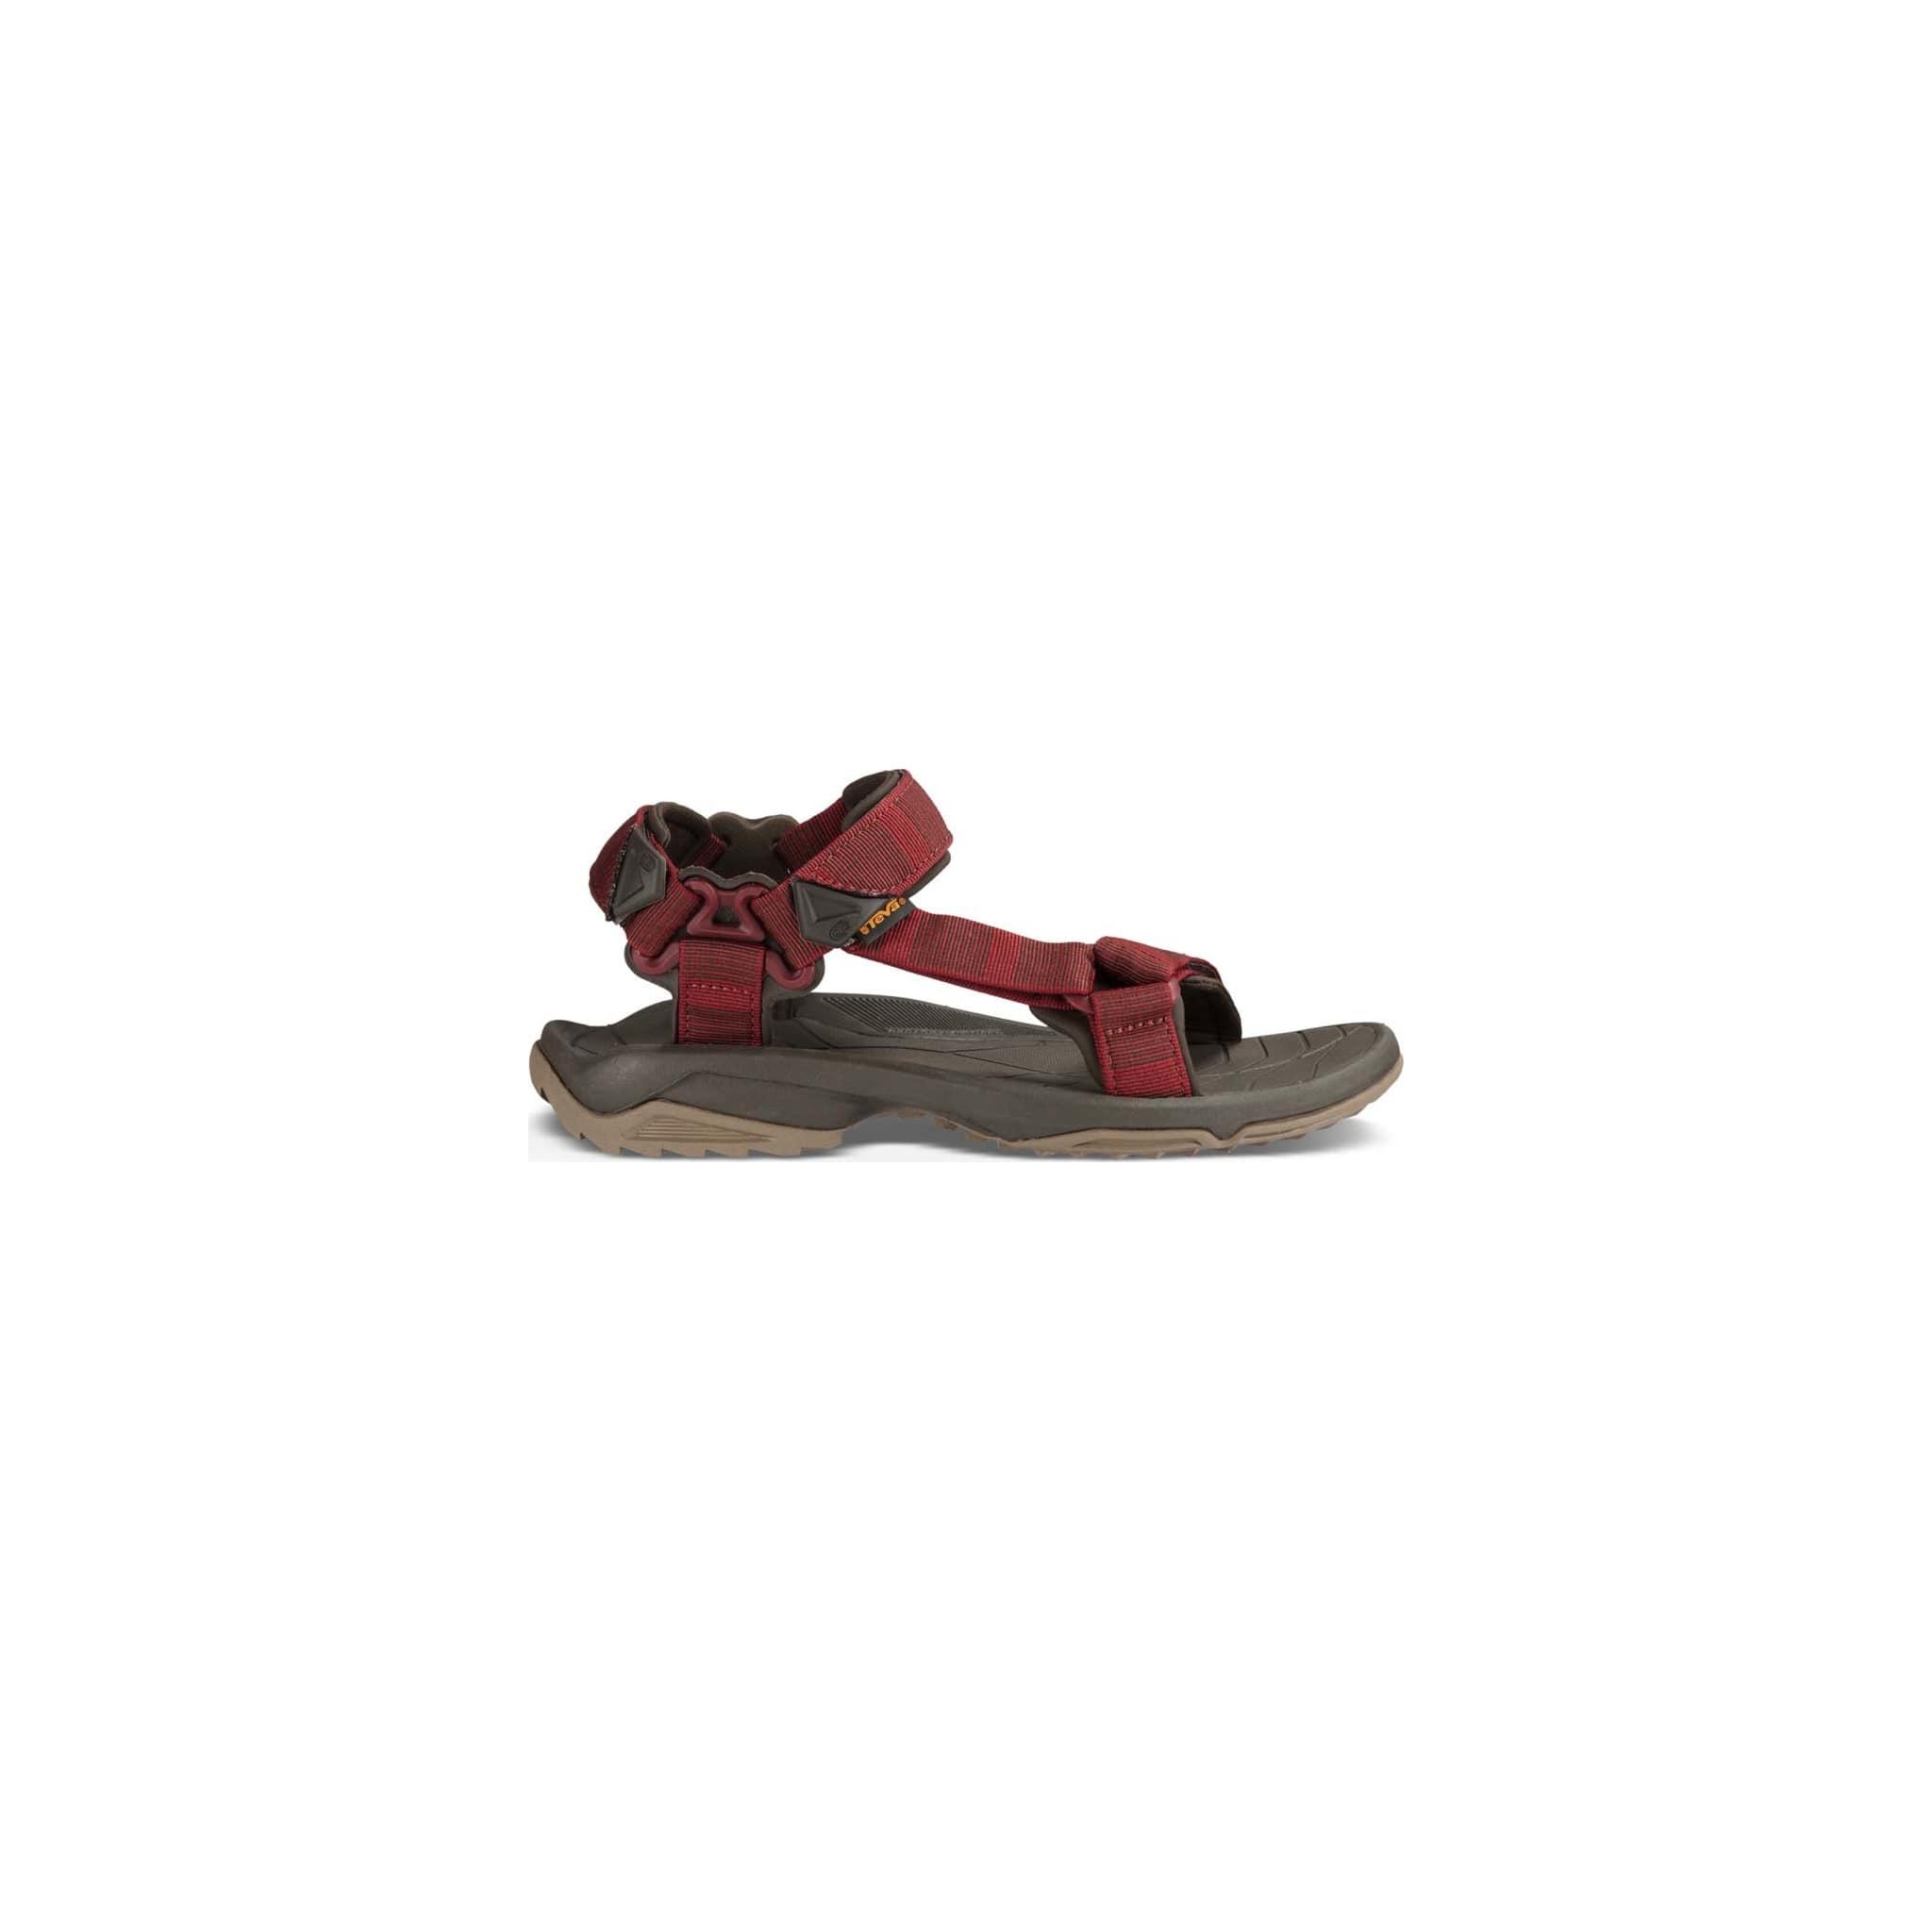 Lett, minimalistisk og komfortabel sandal